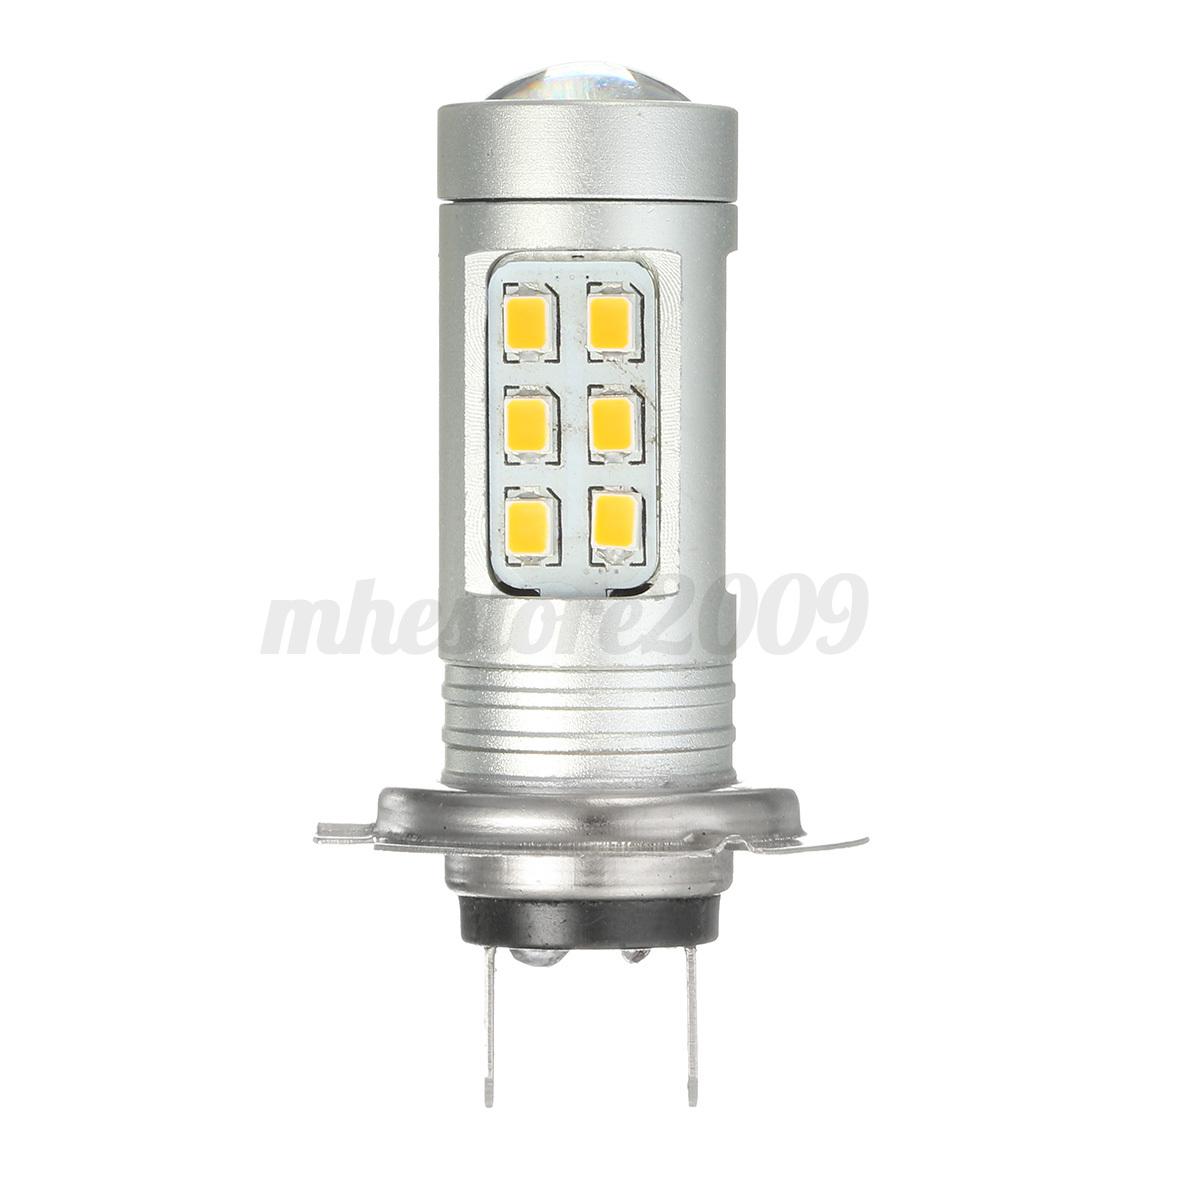 2x h7 h11 h16 9006 21 smd led car fog light bulb driving. Black Bedroom Furniture Sets. Home Design Ideas